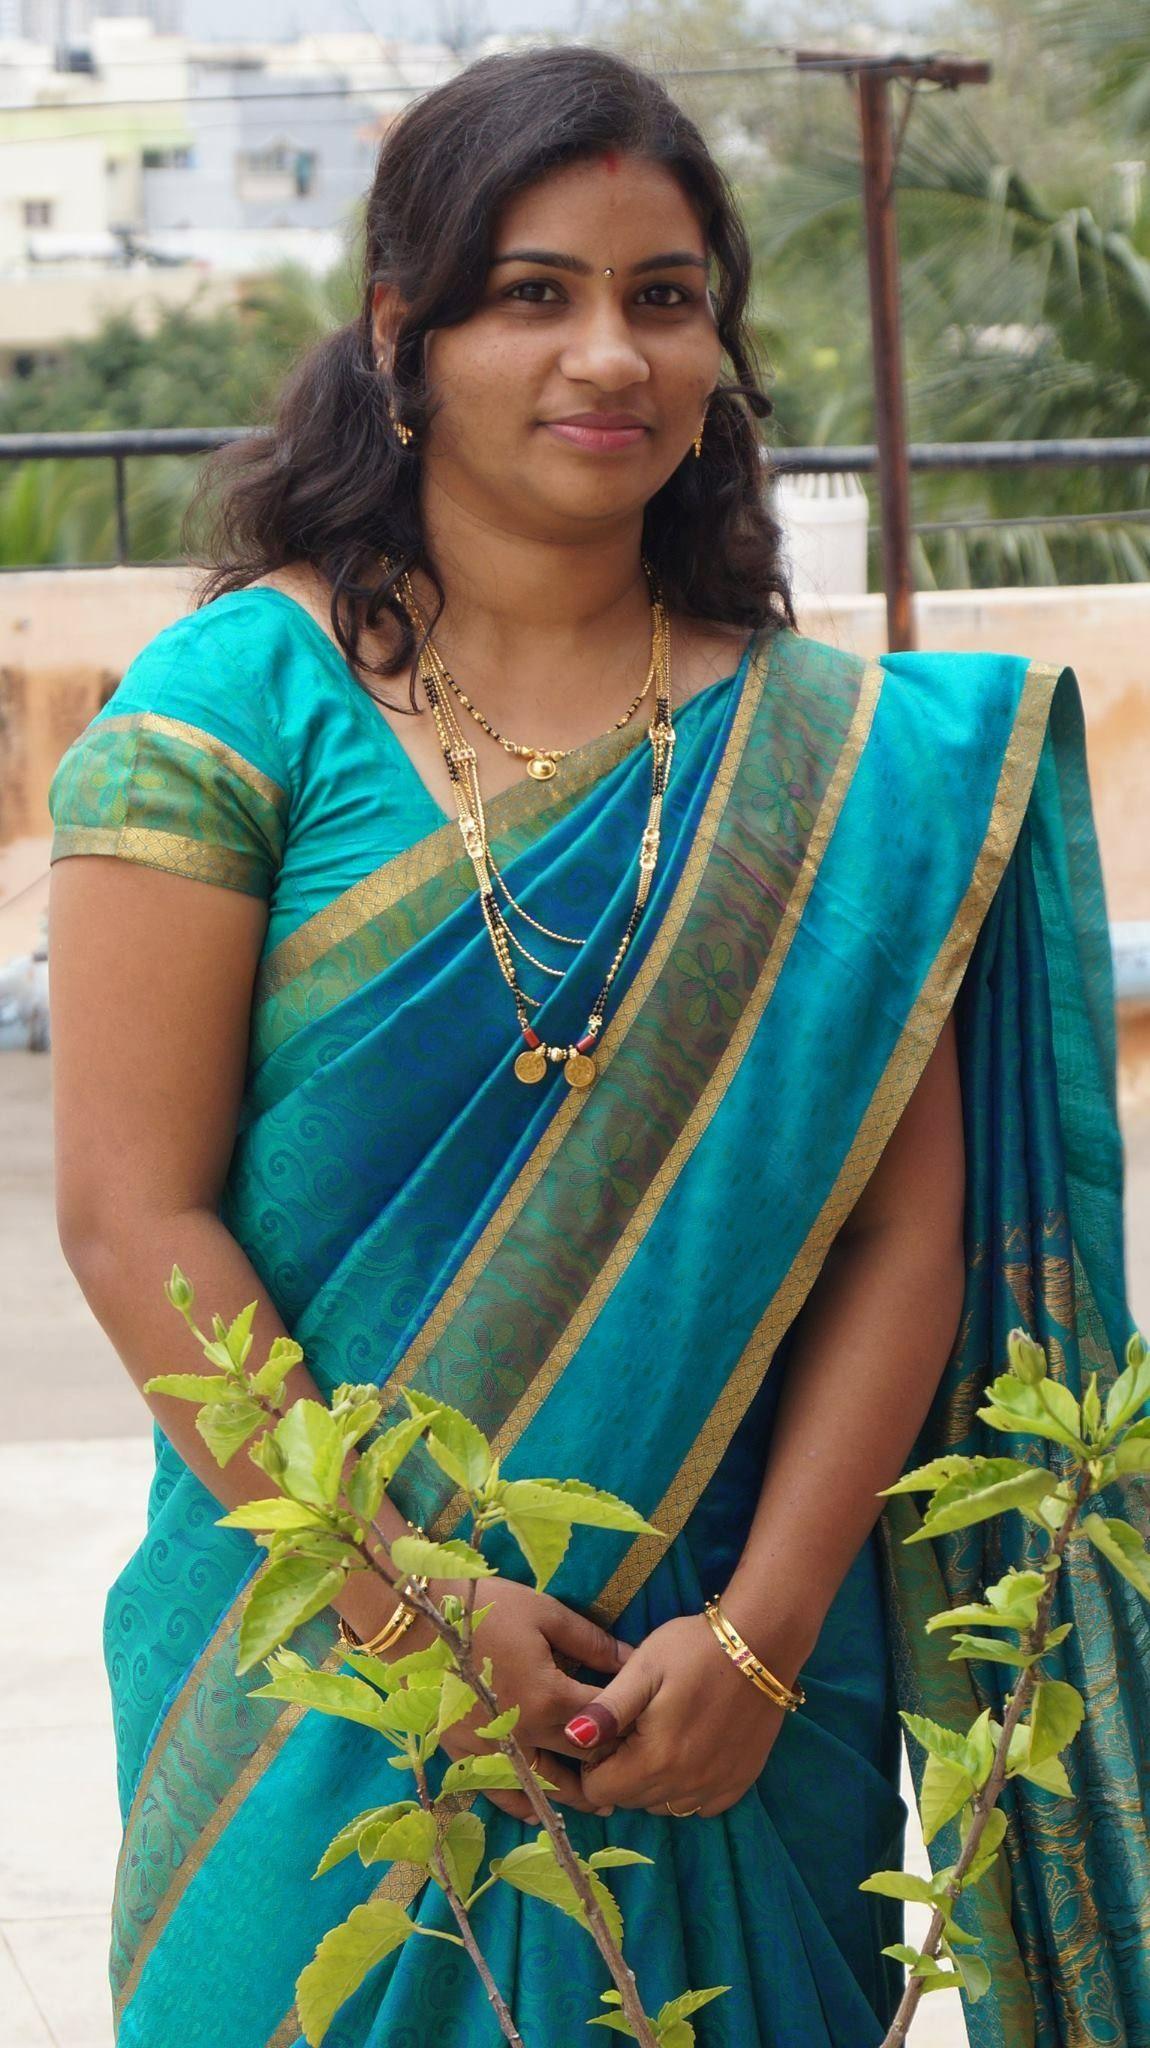 Seen Unseen Pure Desi Girls To Enjoy Xossip